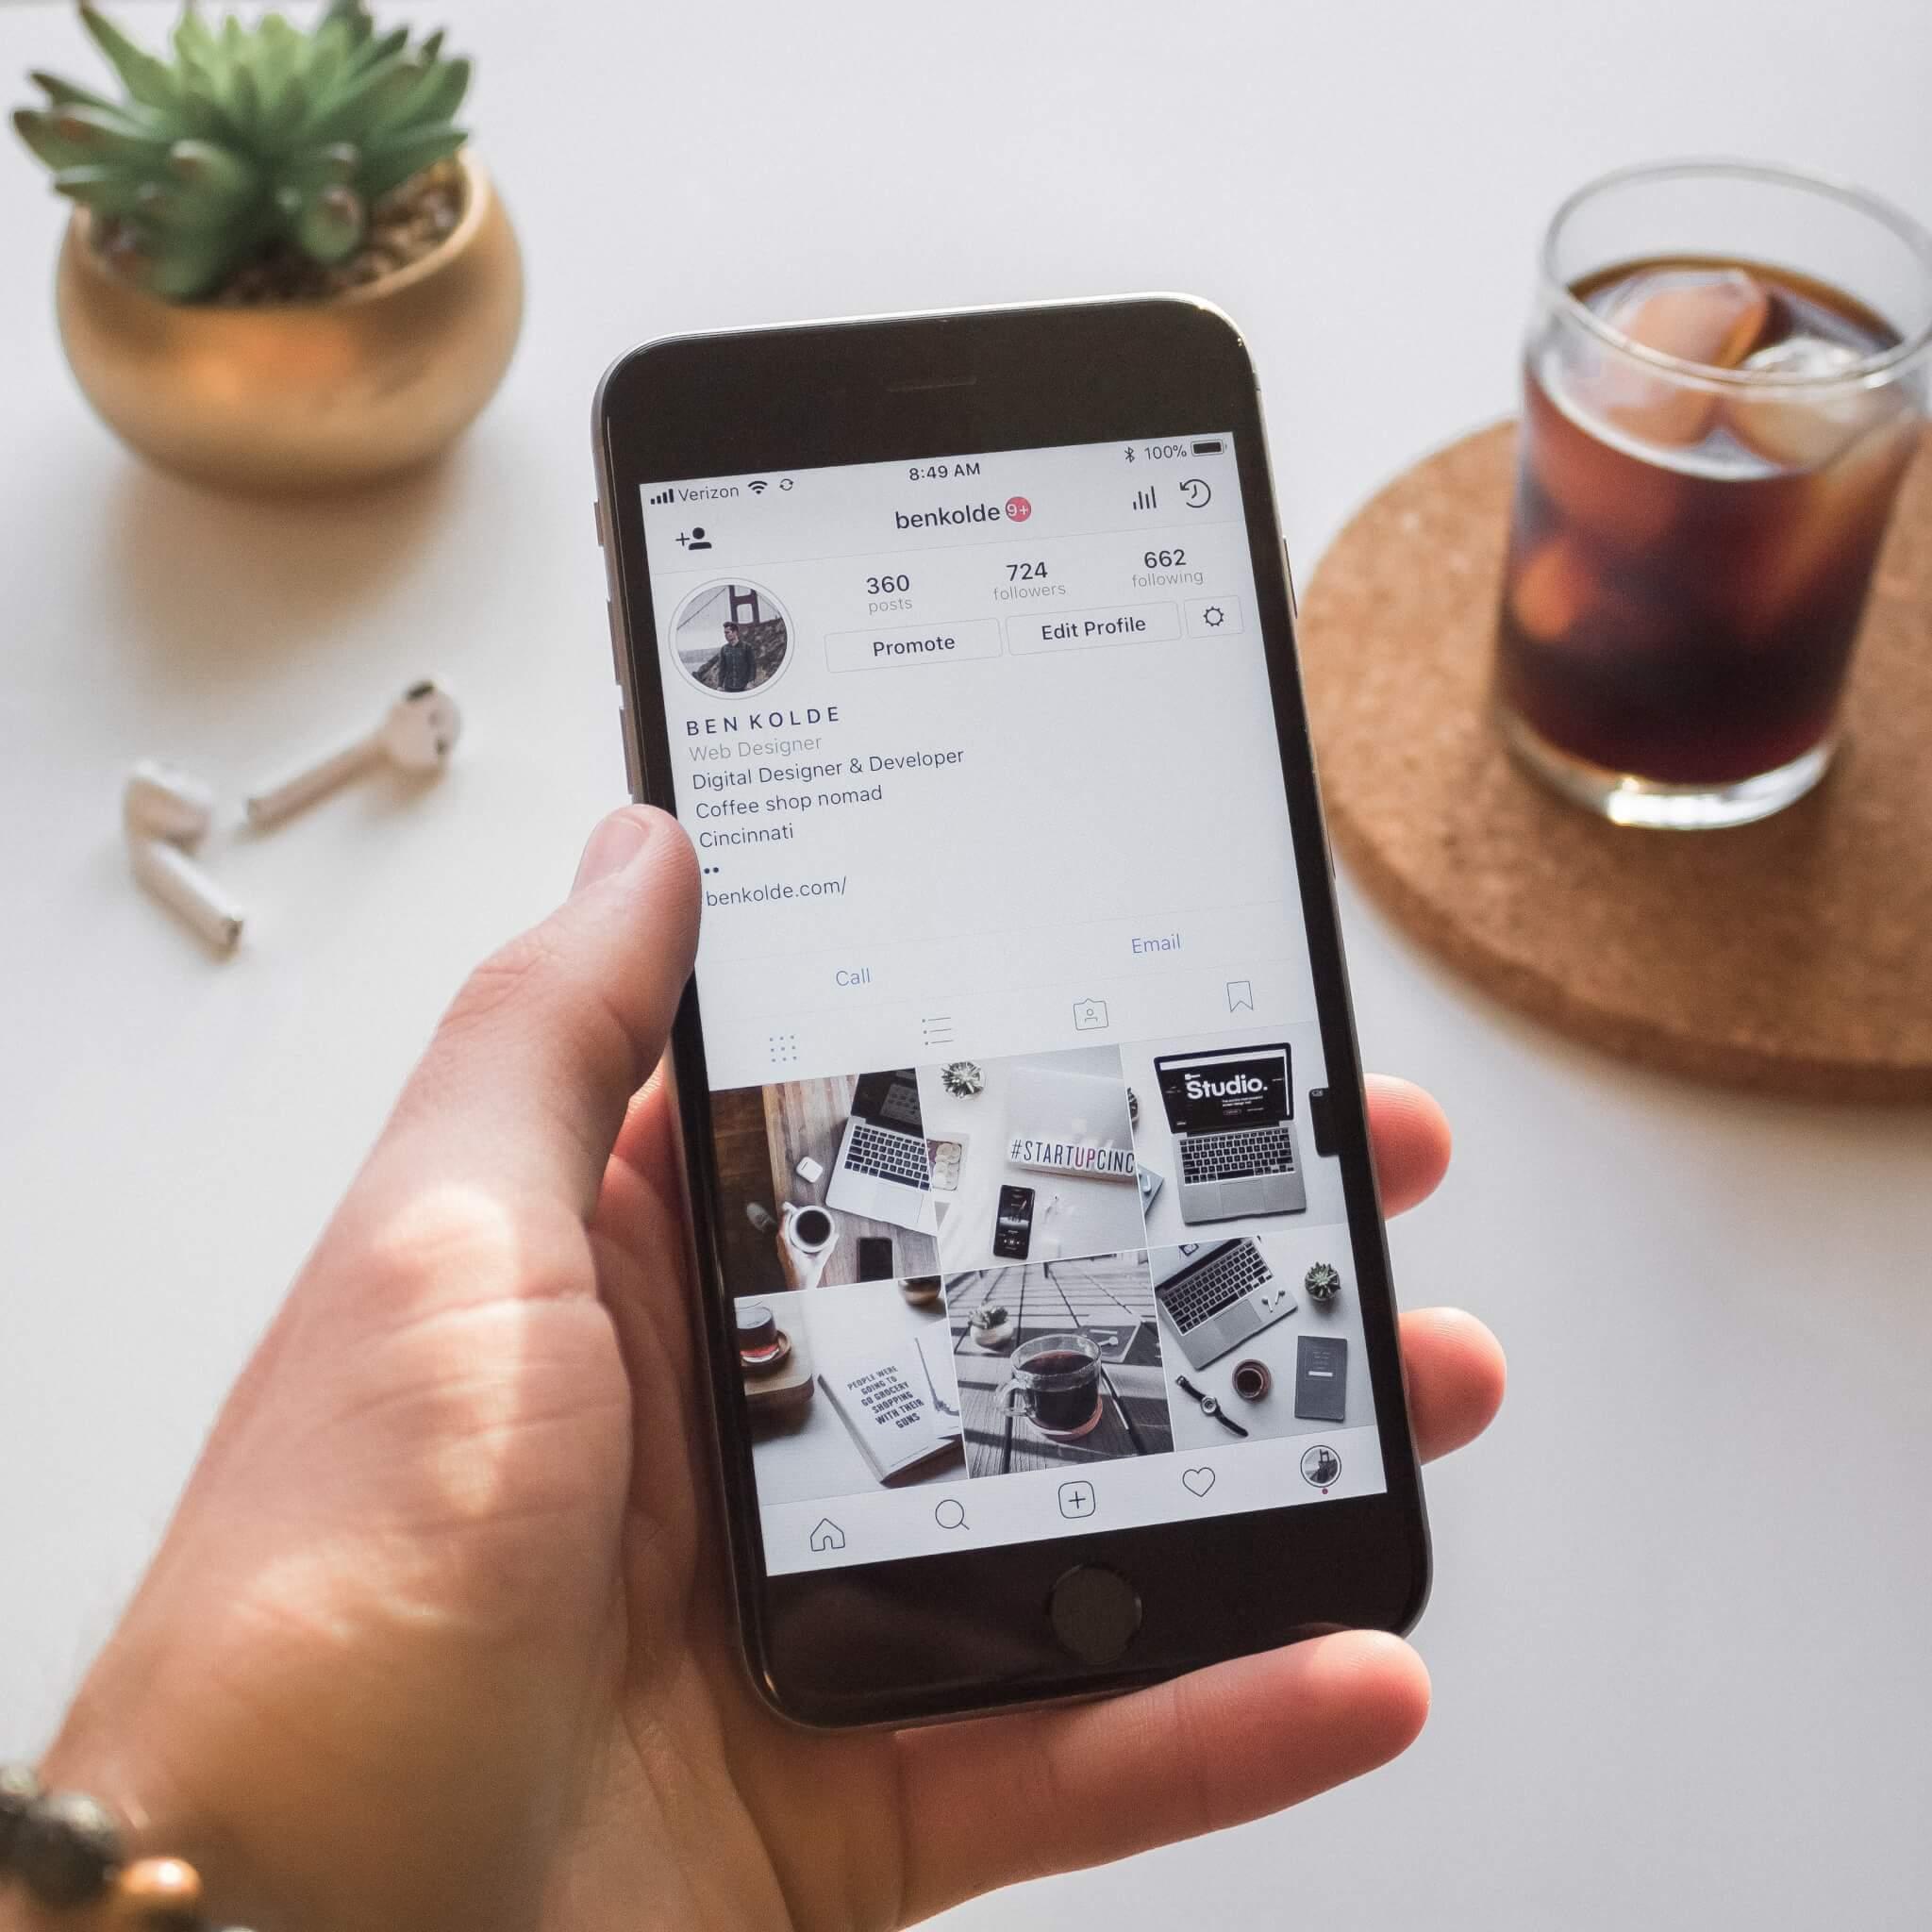 Cómo recuperar mi cuenta de Instagram? Sigue estos pasos